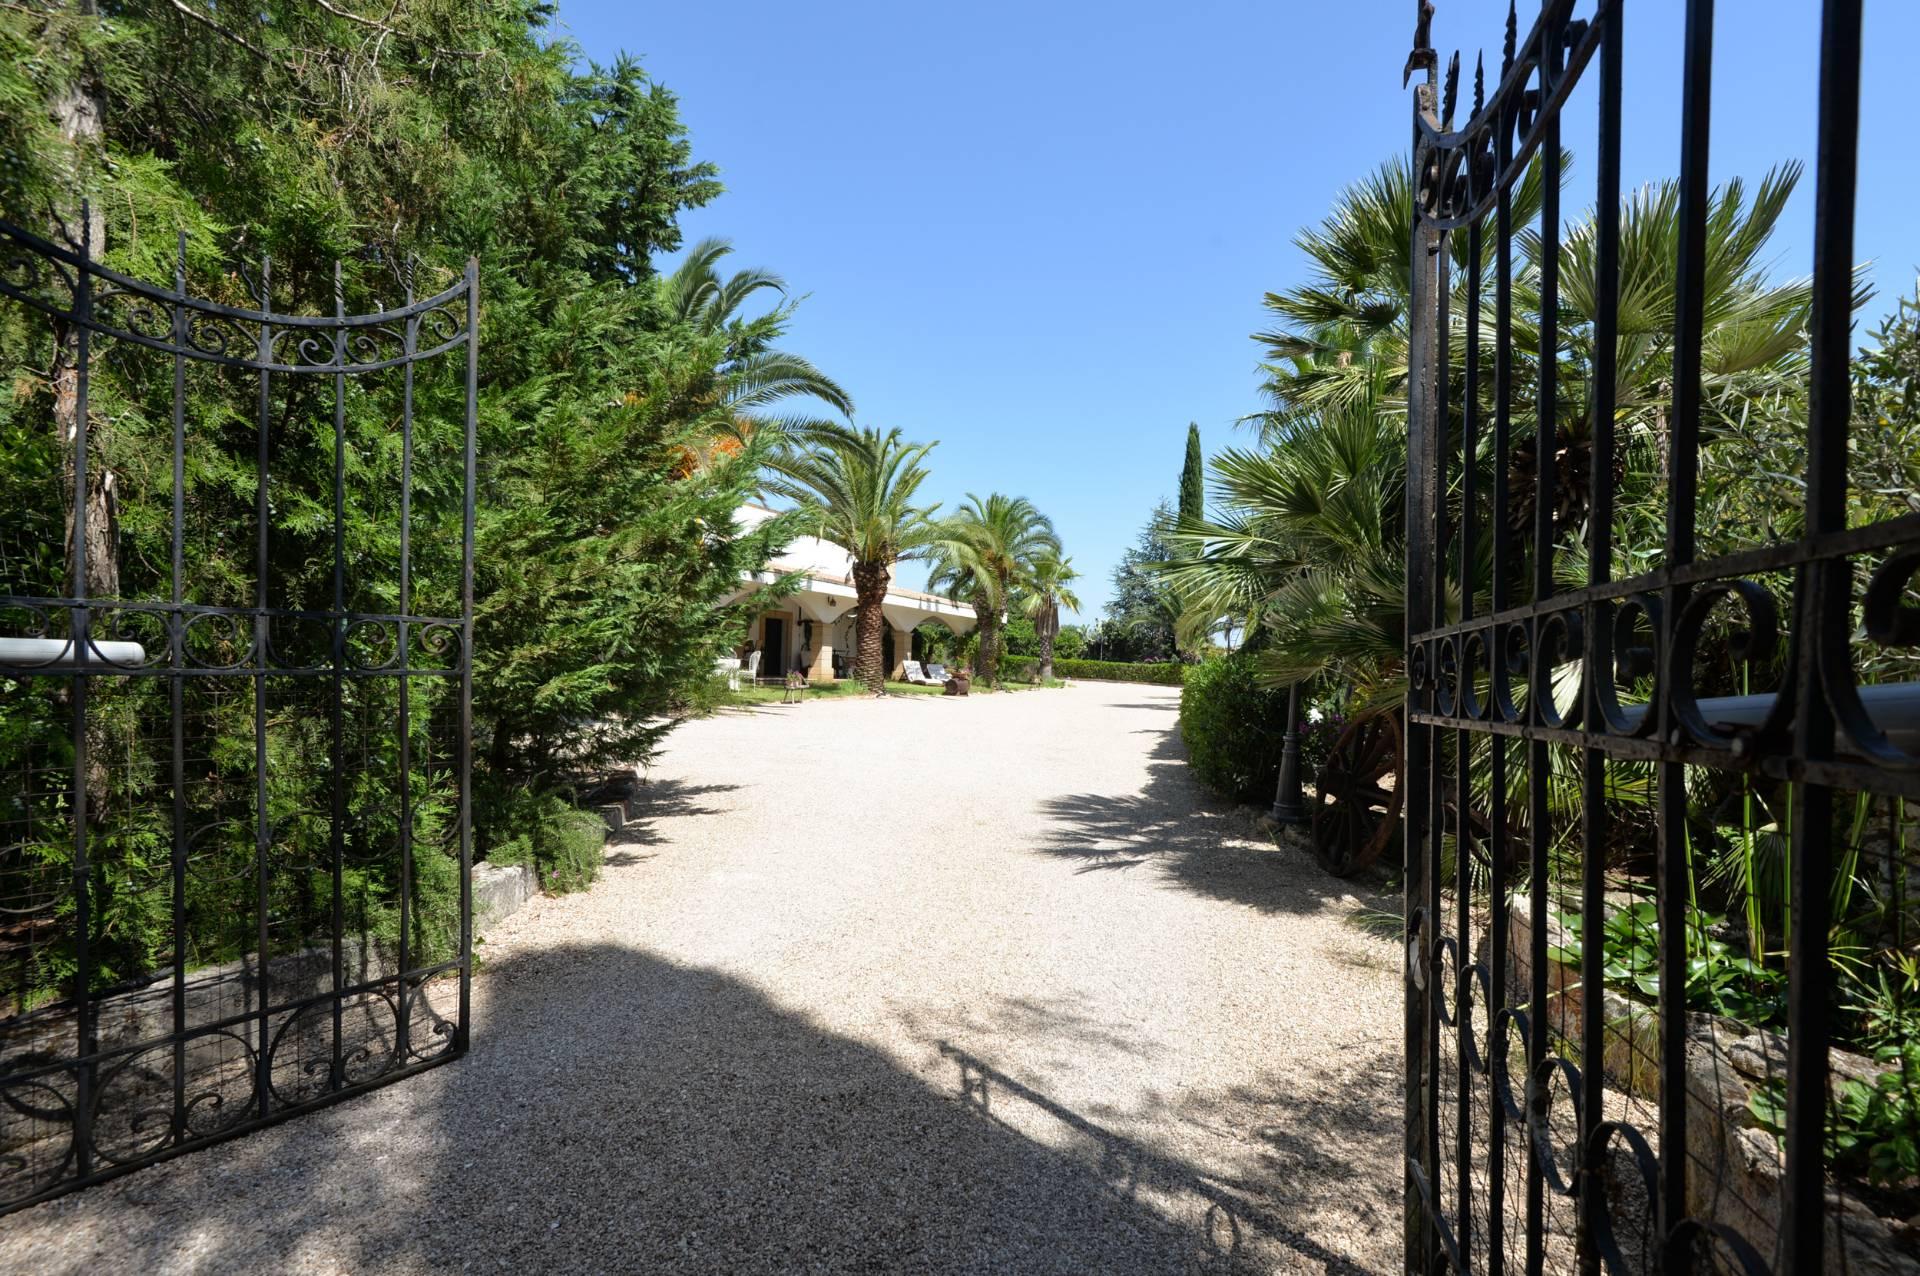 Rustico / Casale in vendita a Maruggio, 10 locali, prezzo € 760.000 | CambioCasa.it